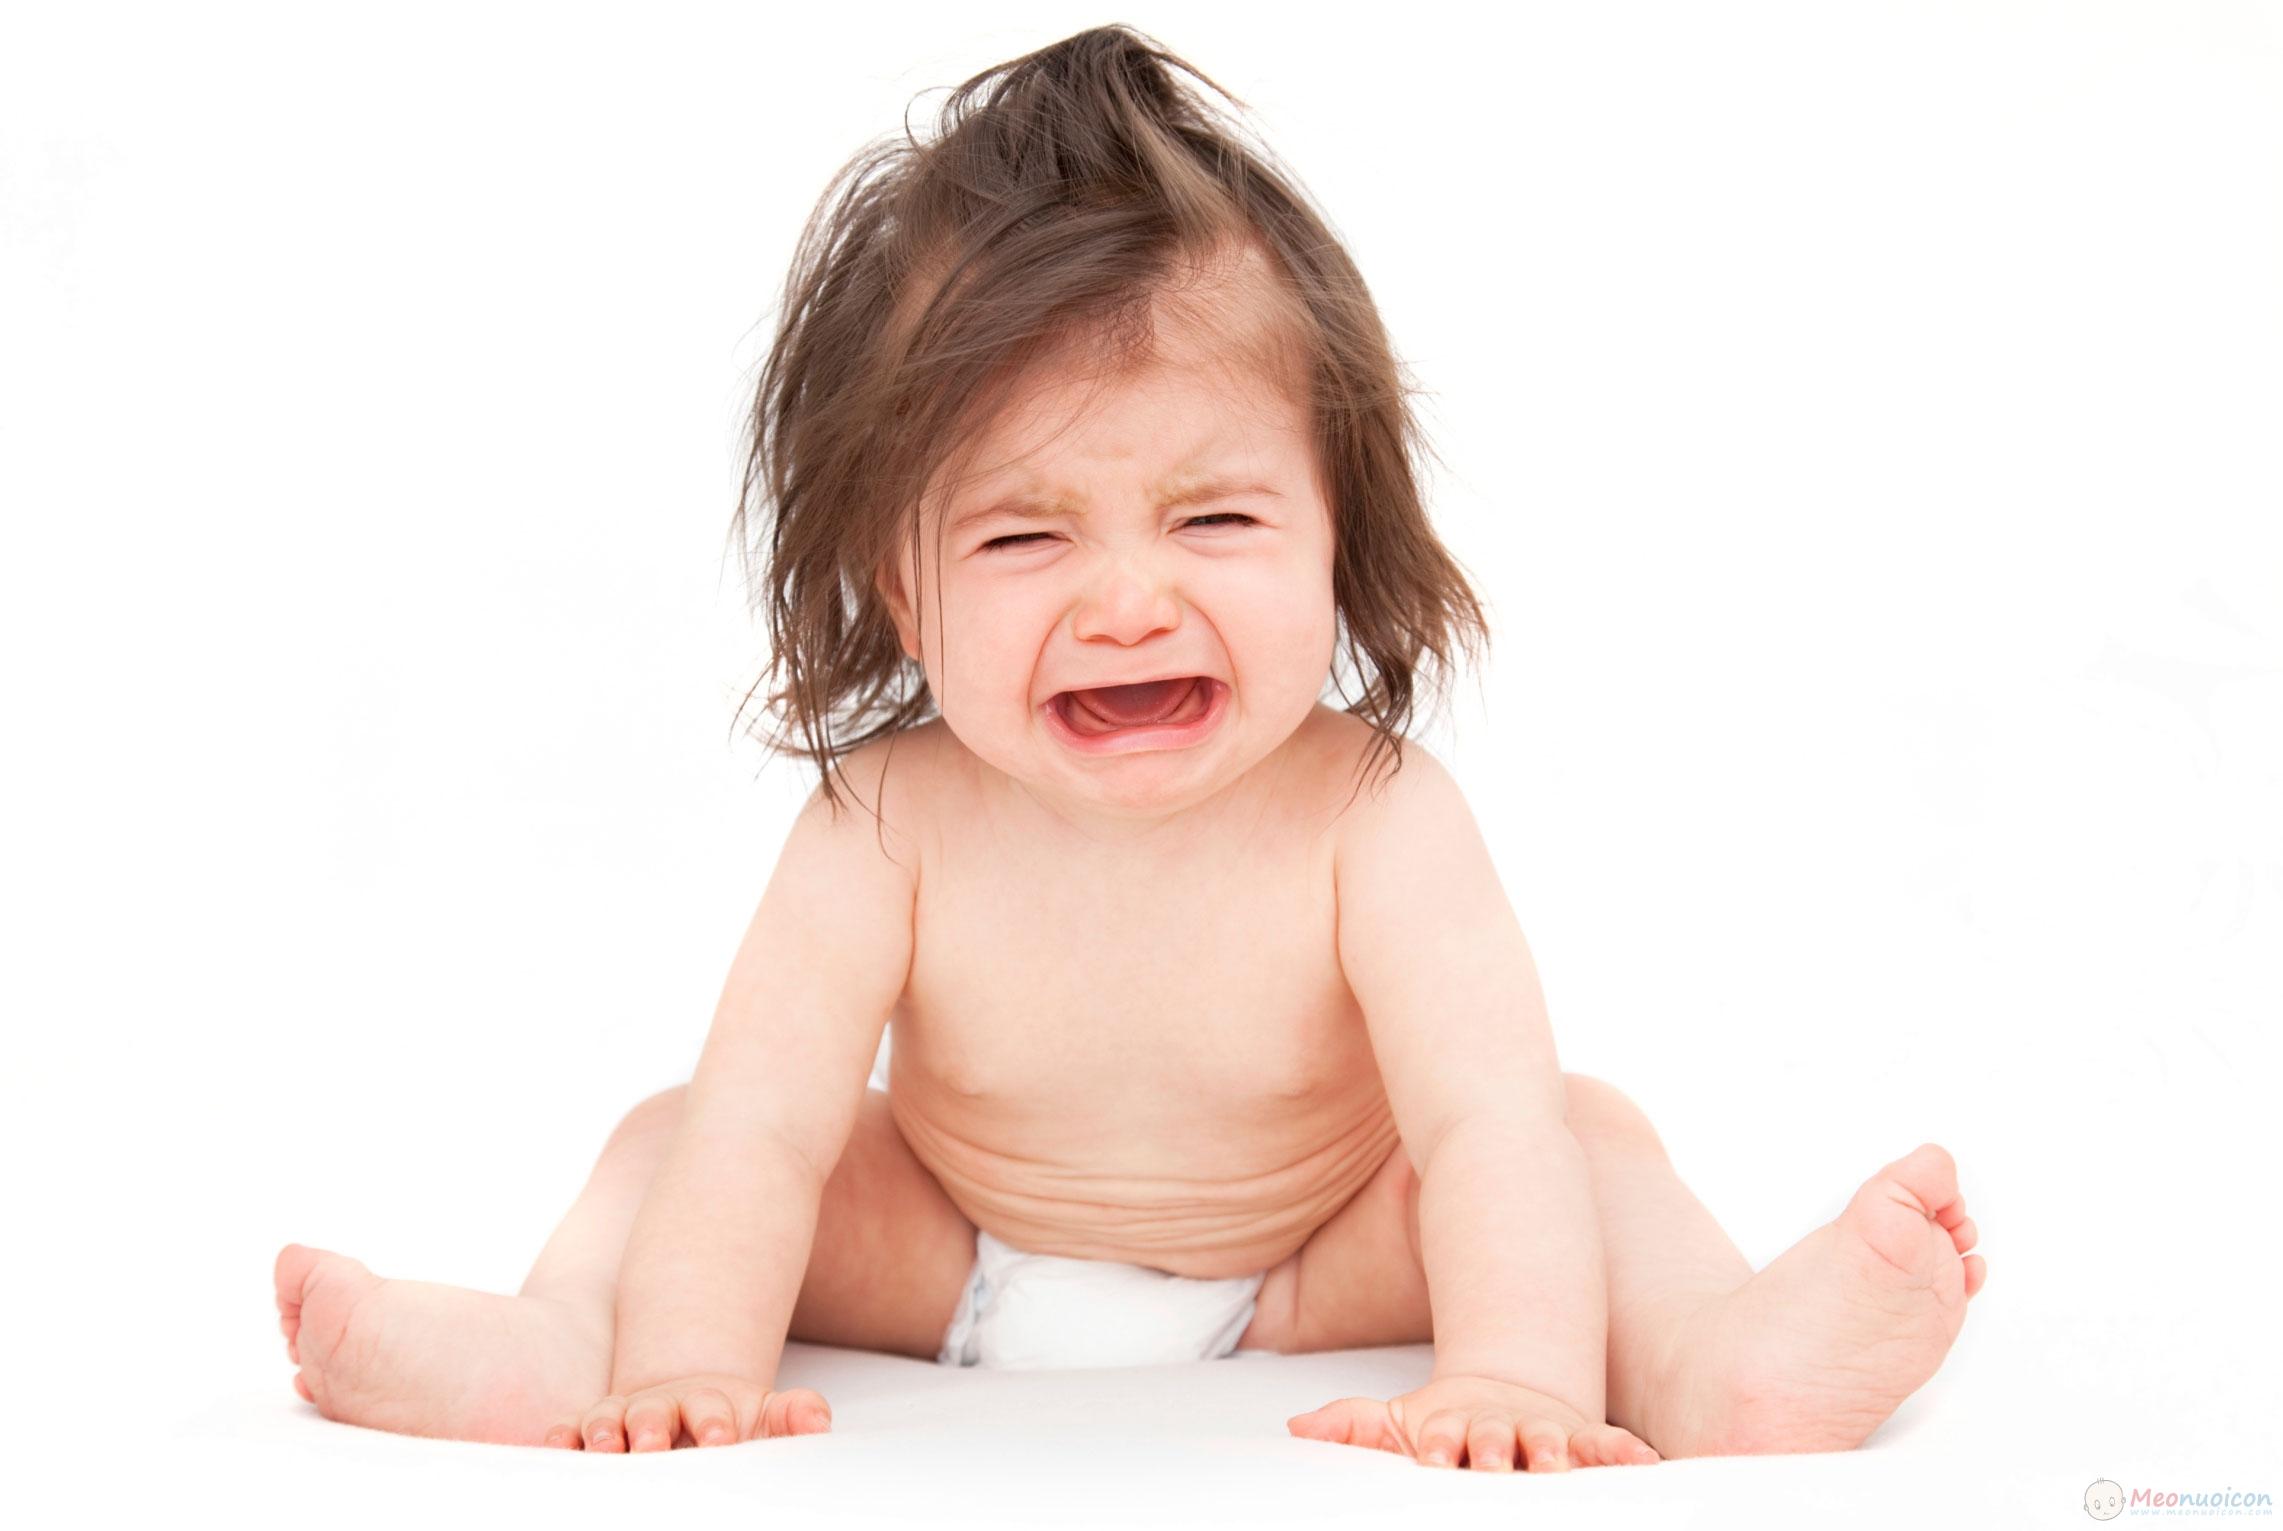 Táo bón ở trẻ sơ sinh và cách khắc phục